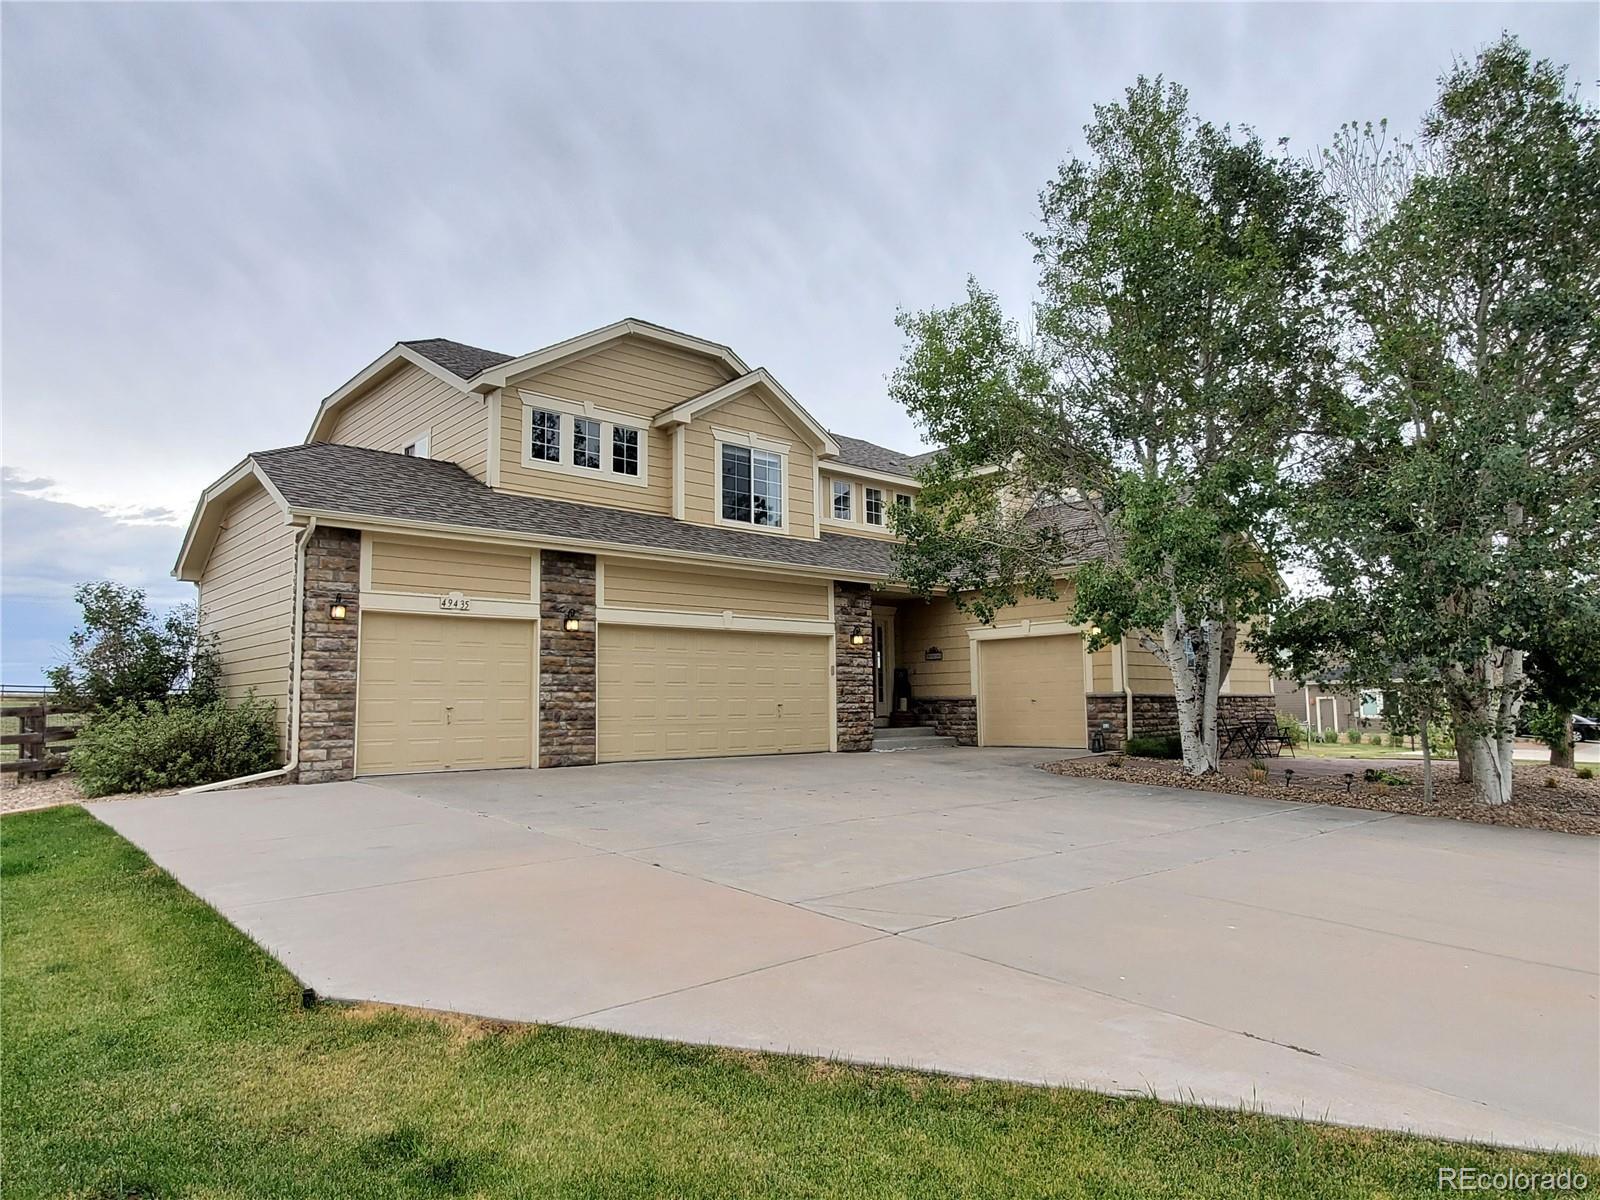 MLS# 9971596 - 1 - 49435 Antelope Drive, Bennett, CO 80102